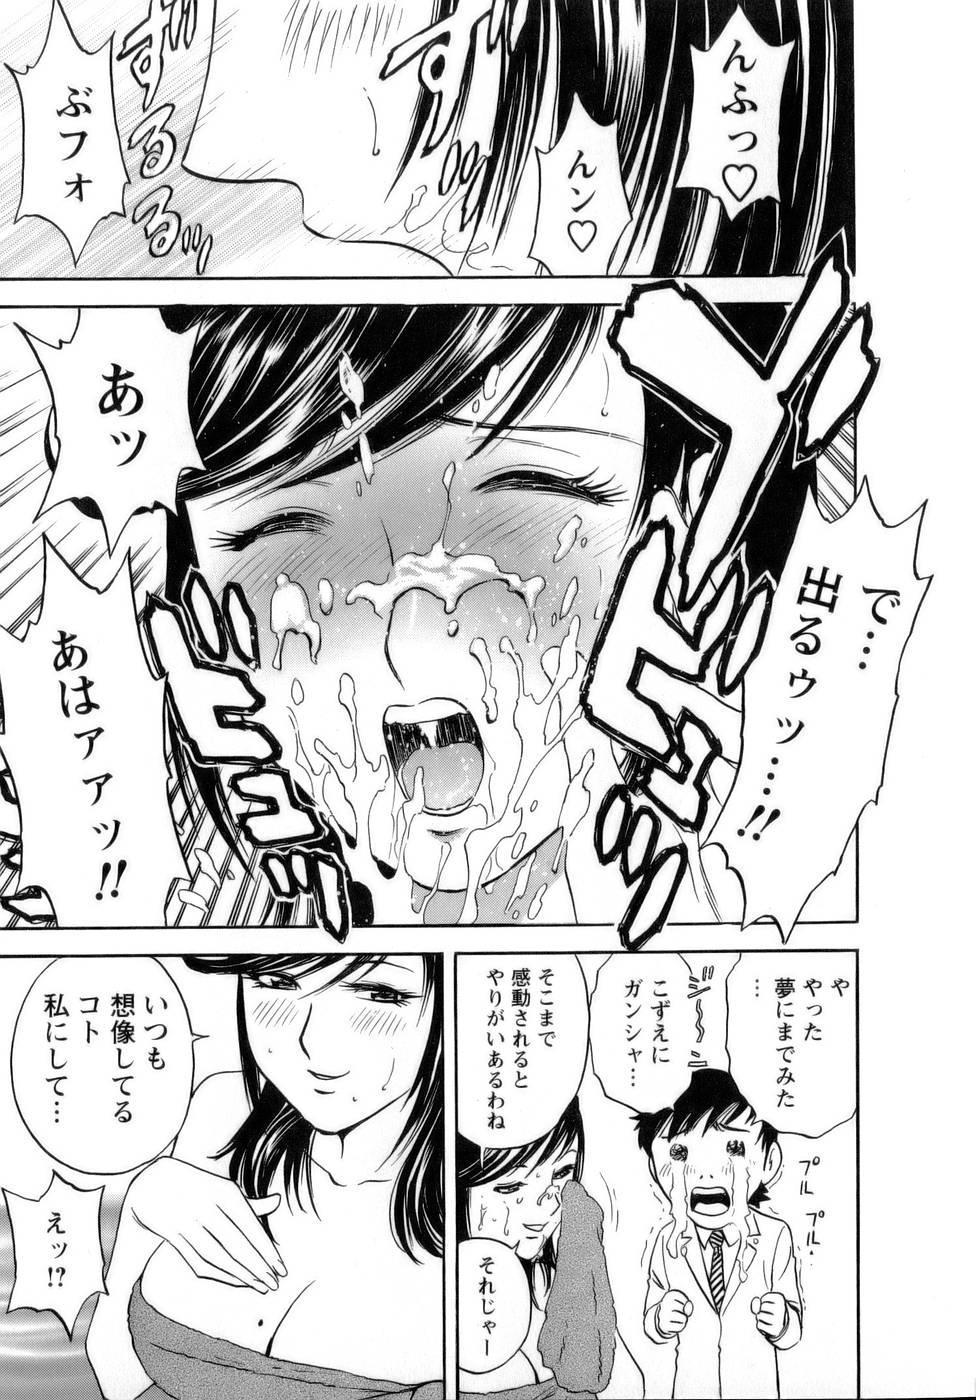 [Hidemaru] Mo-Retsu! Boin Sensei (Boing Boing Teacher) Vol.1 86